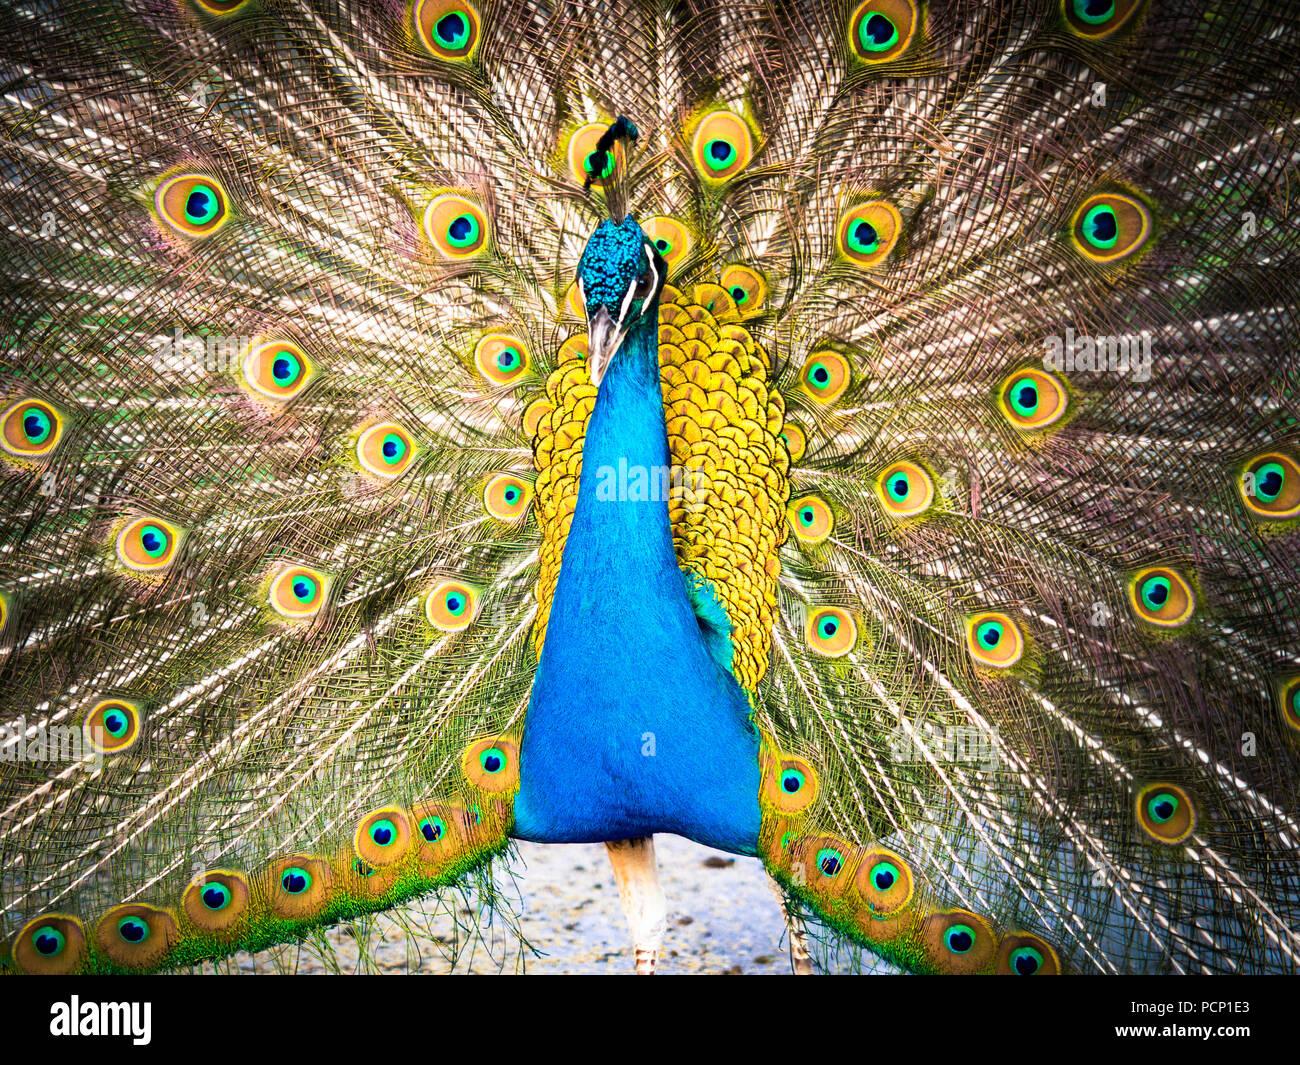 Bunte Pfau und seinen wunderbaren Schwanz. Stockbild